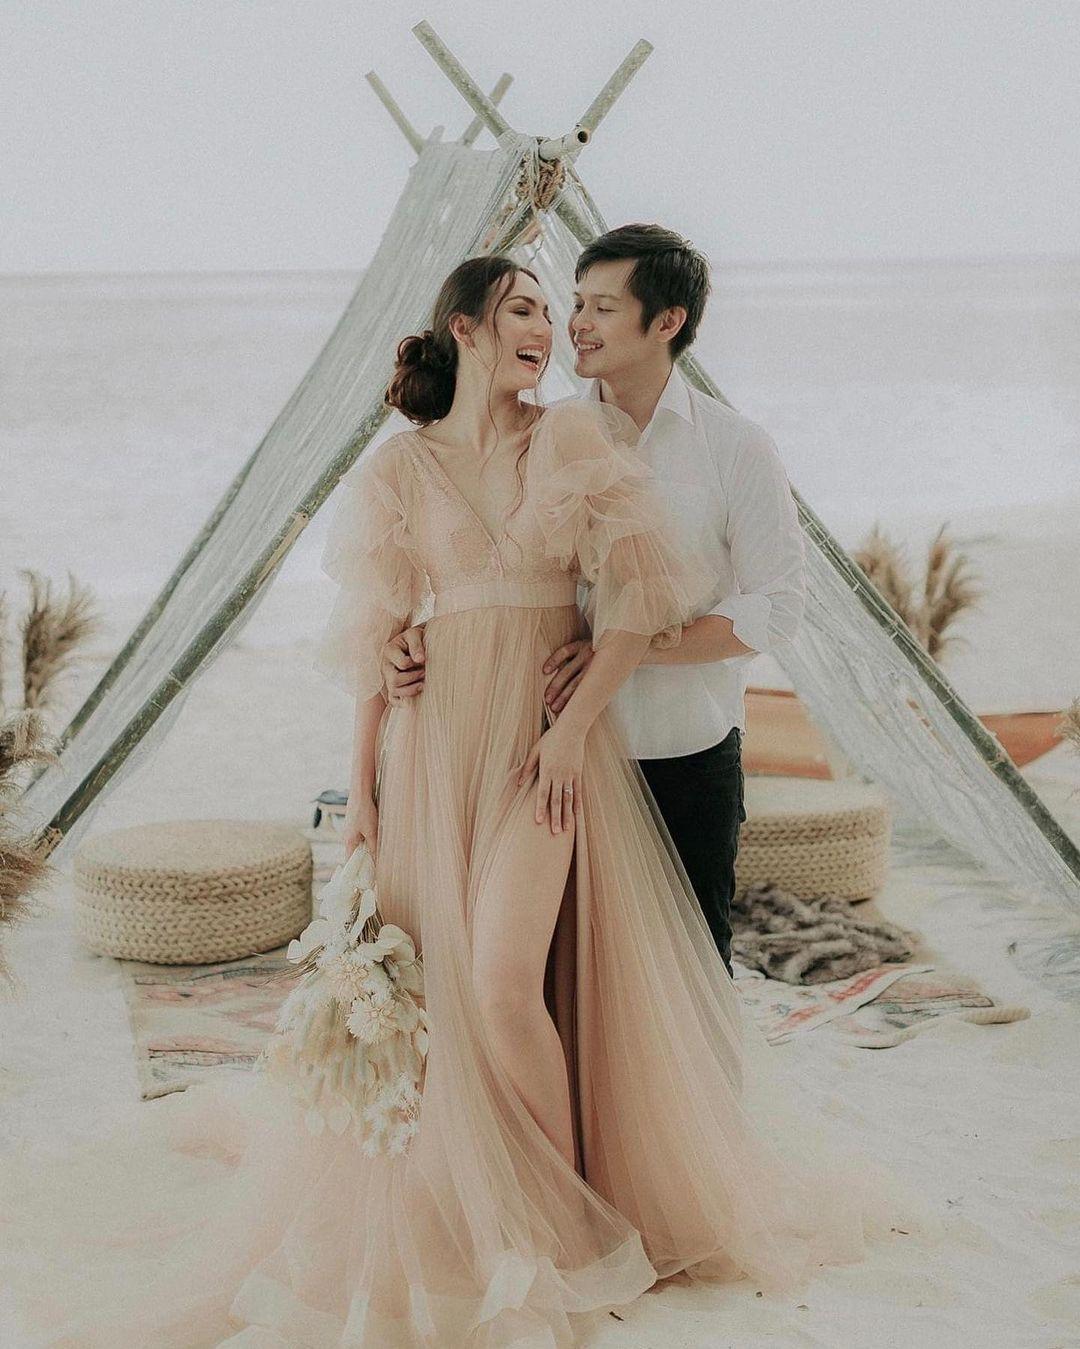 jasmine maierhofer prenup gowns